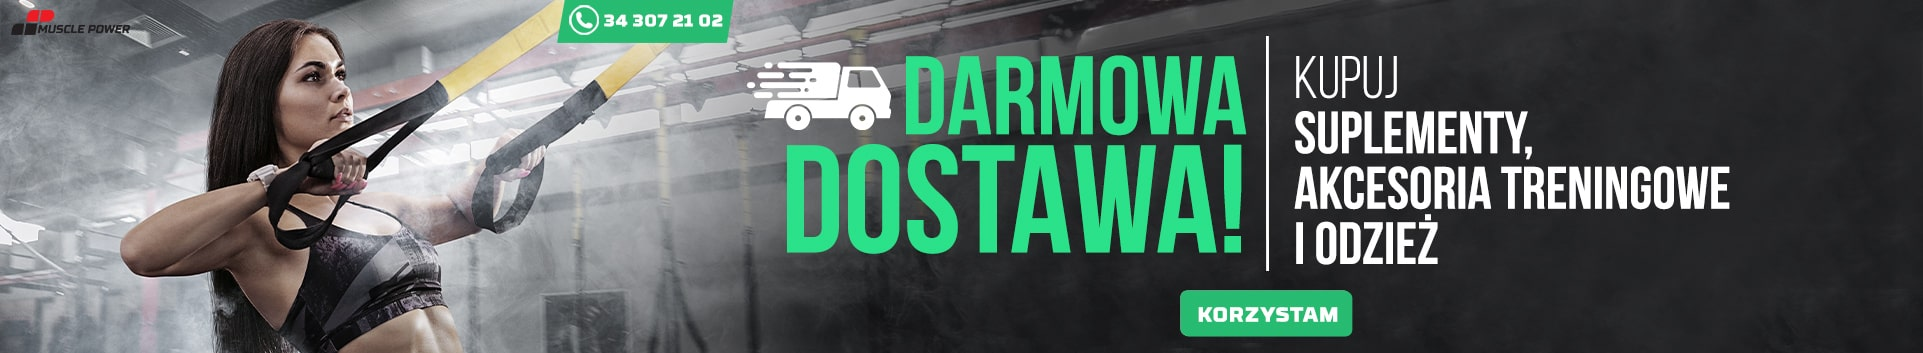 Darmowa dostawa w MusclePower